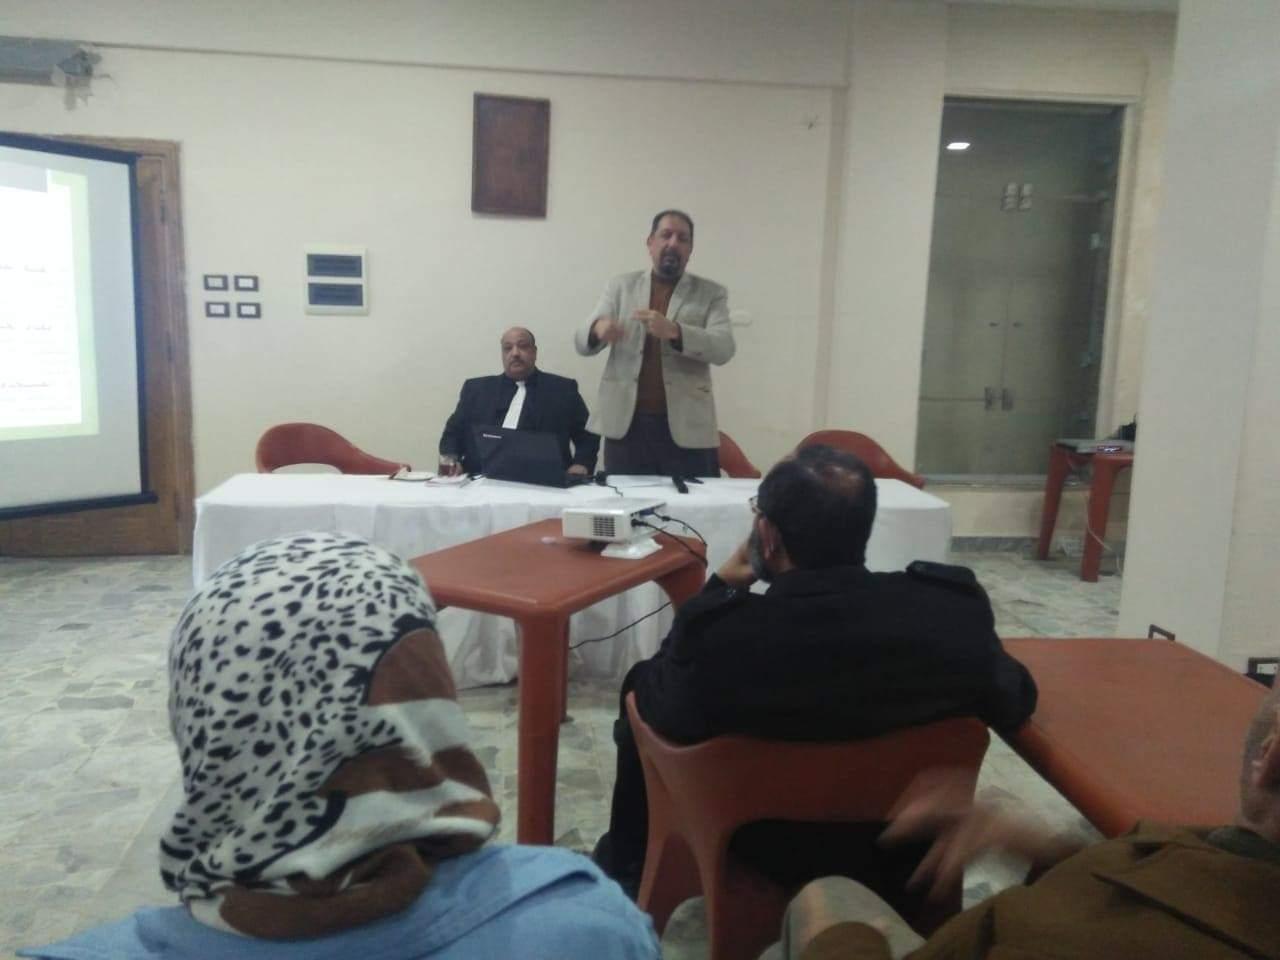 المهندس مجدى عبدالله يتحدث عن مخاطر الأنترنت